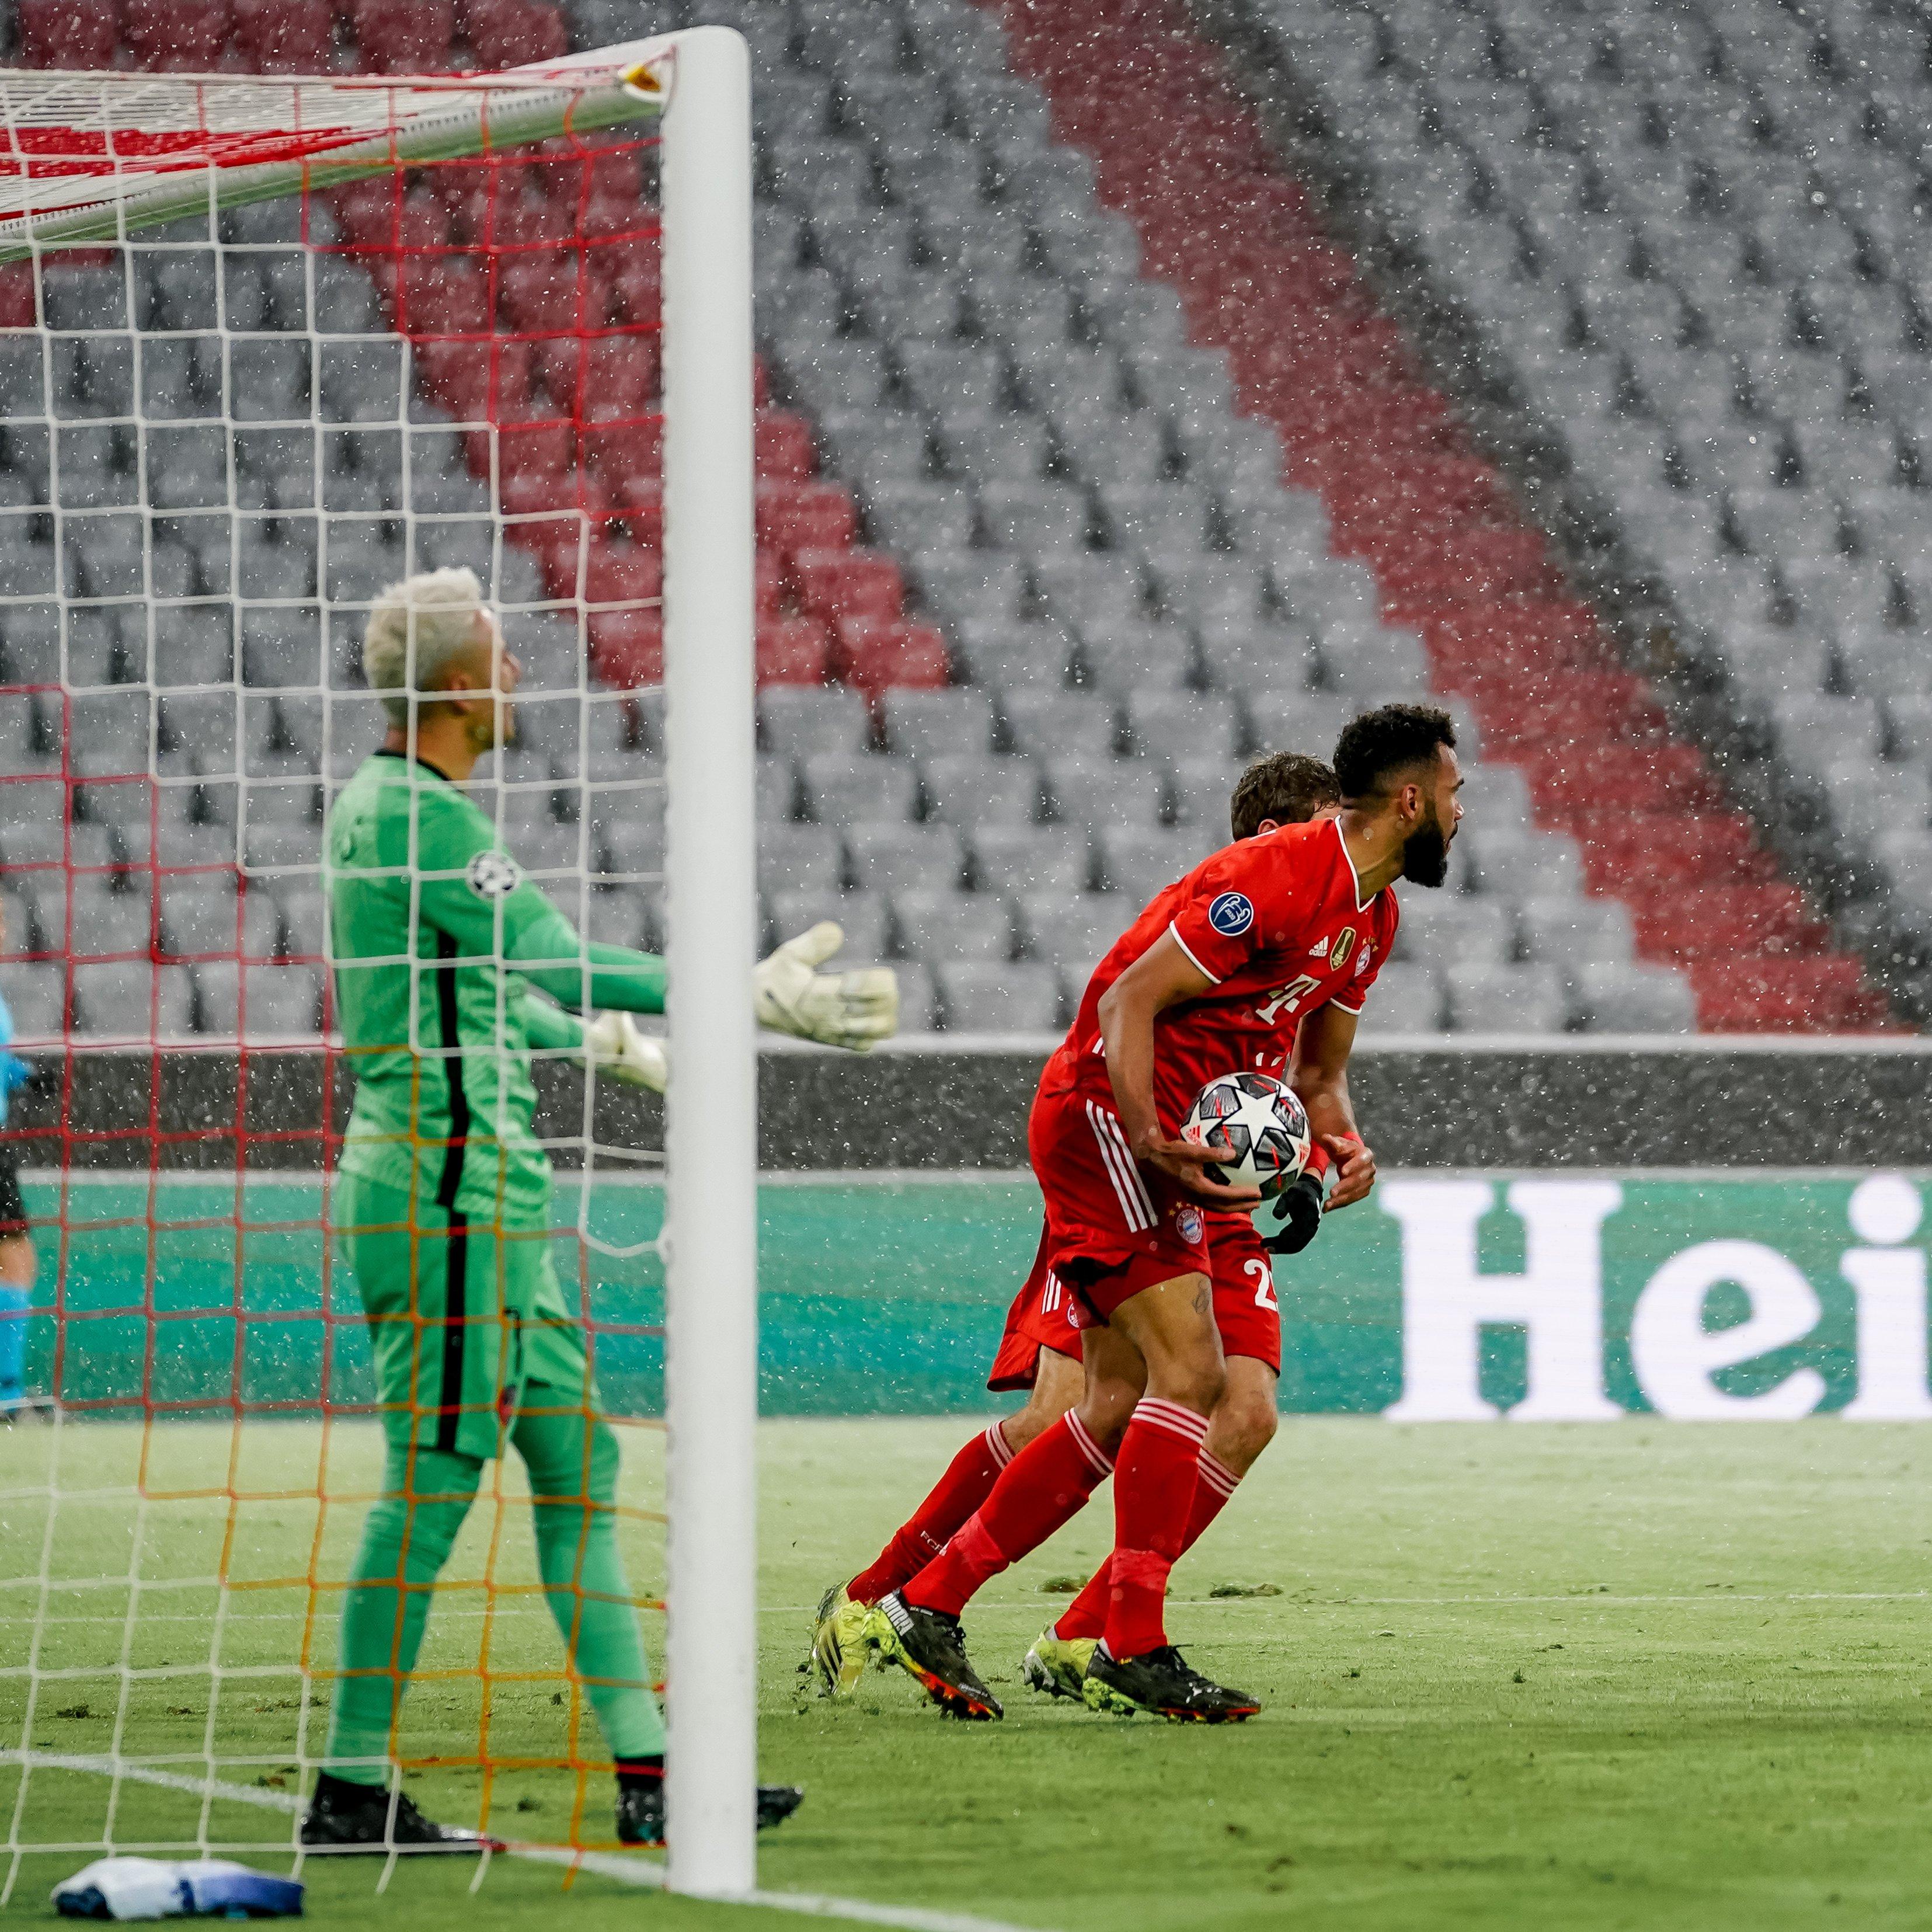 Игра есть, а результата нет. Обзор первых матчей 1/4 Лиги чемпионов с участием «Боруссии» Д и «Баварии»